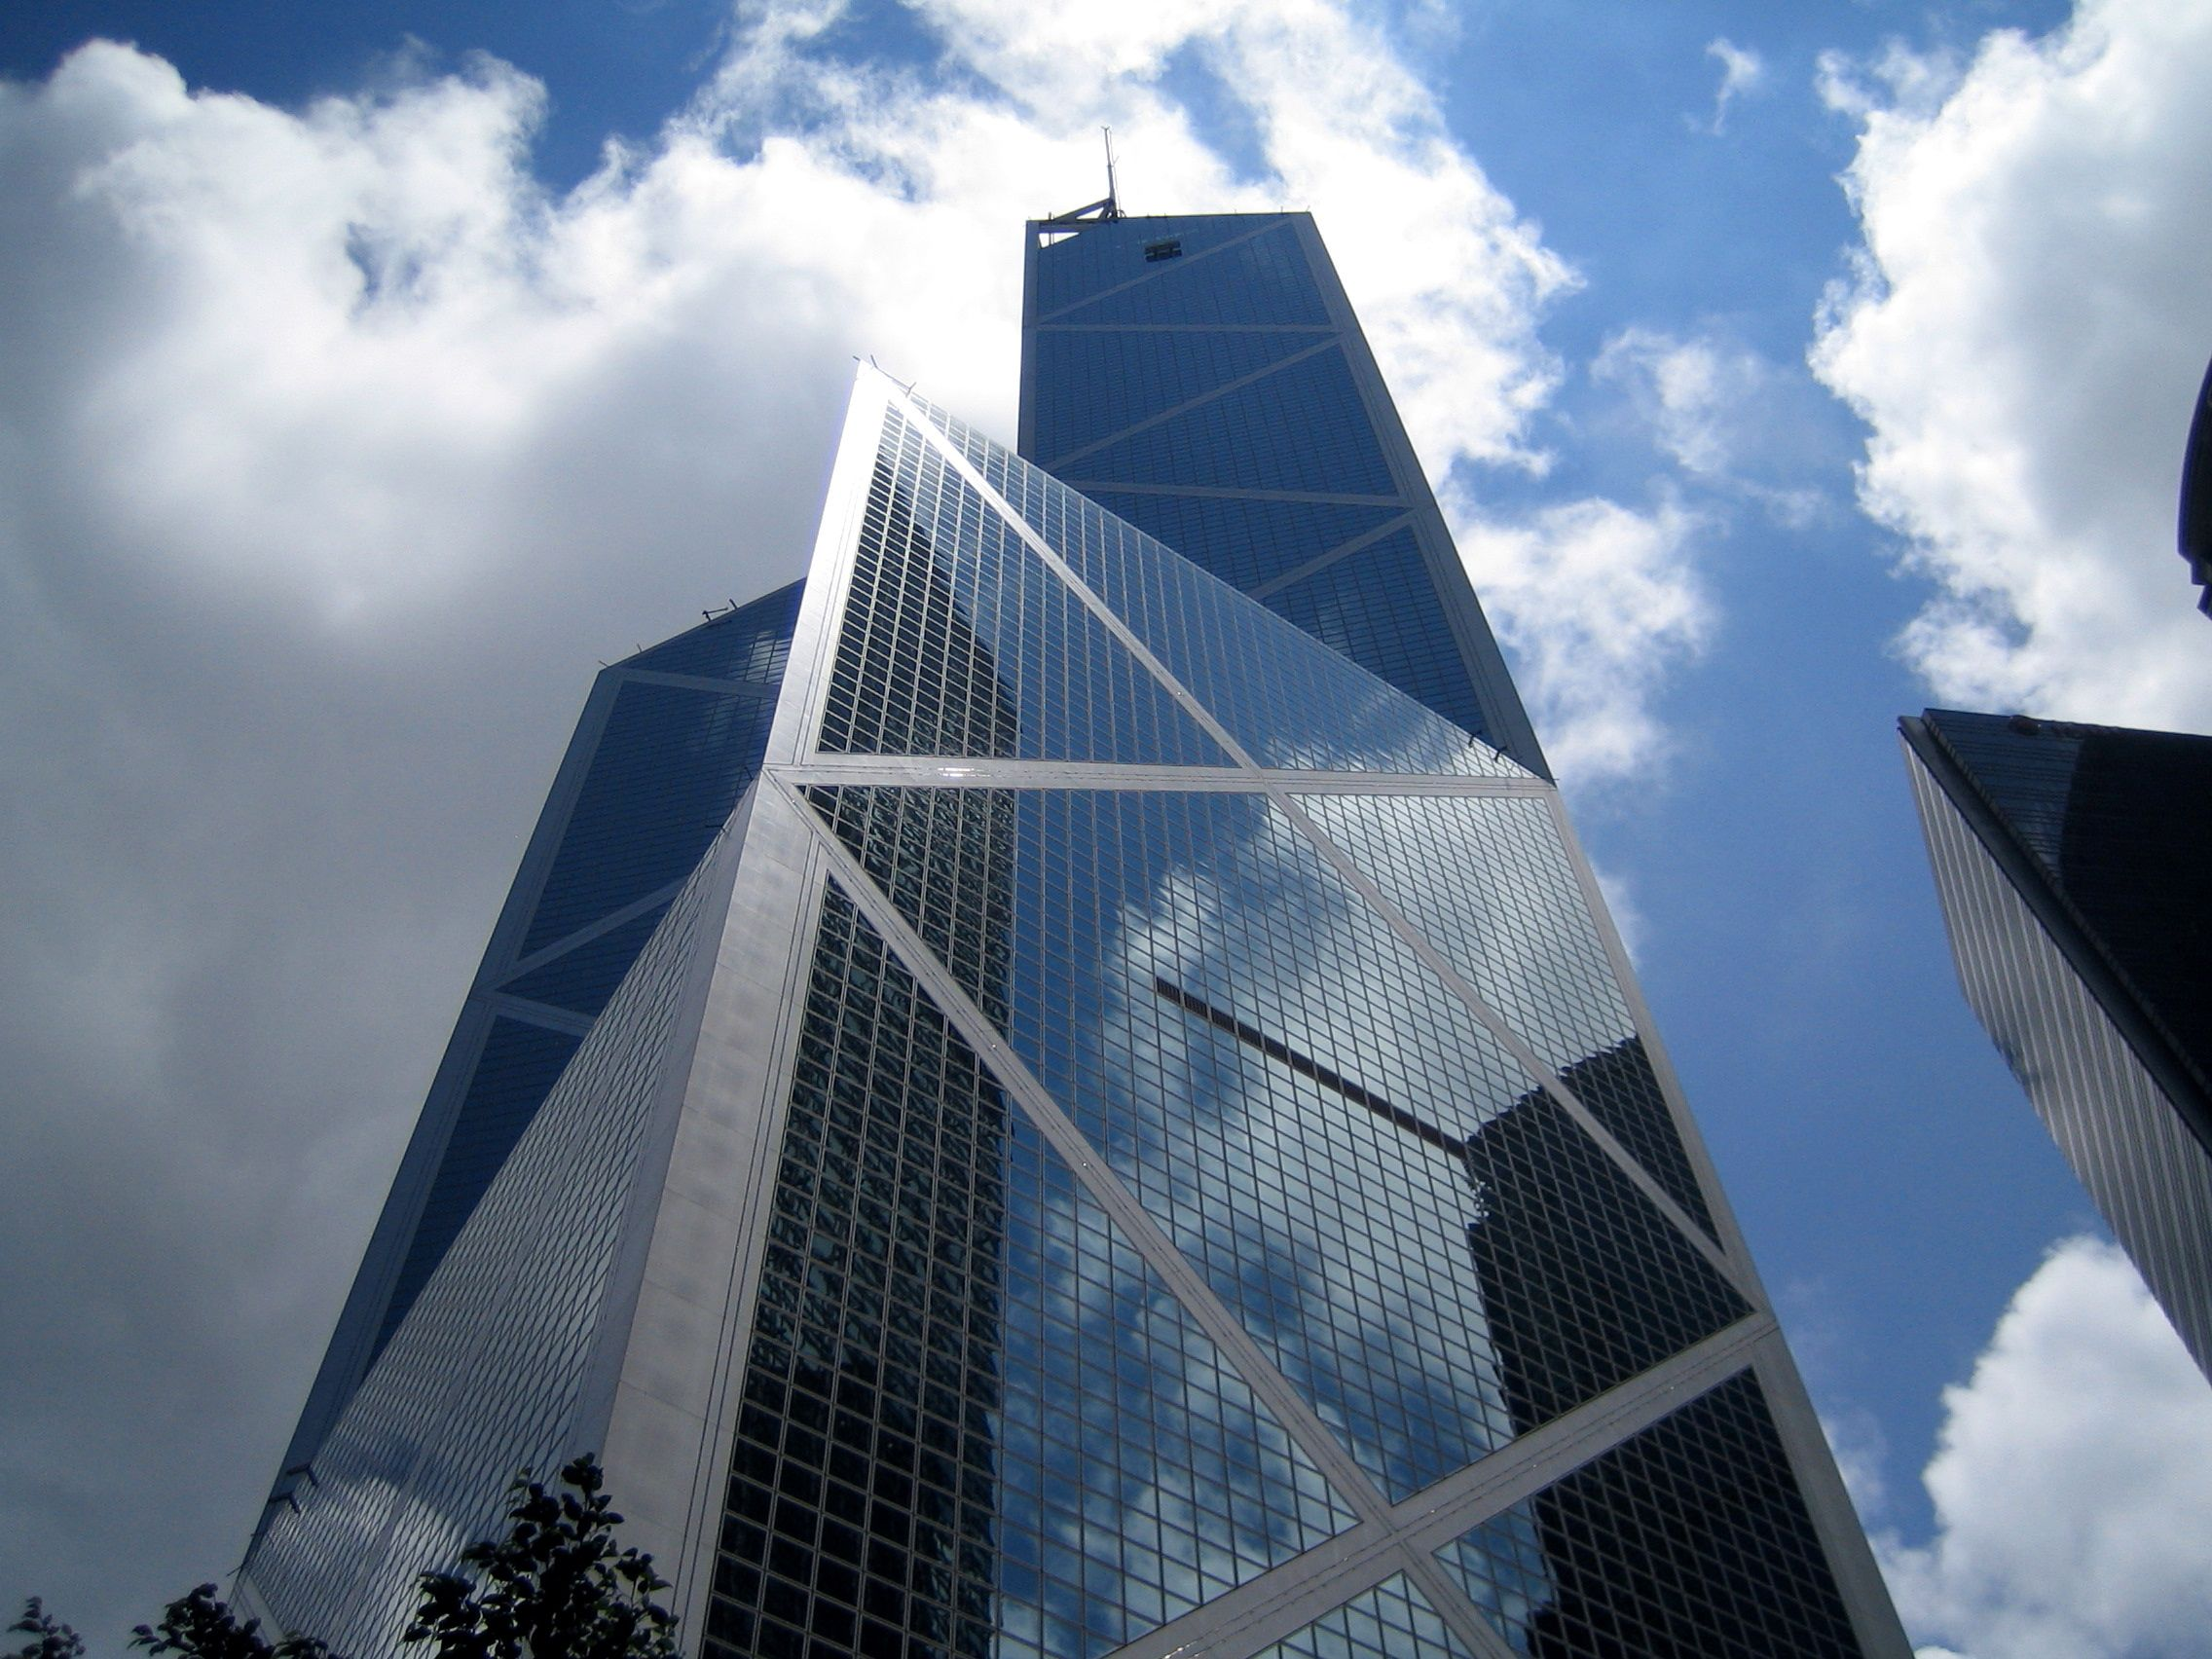 Los 30 edificios mas altos del mundo (septiembre 2010)